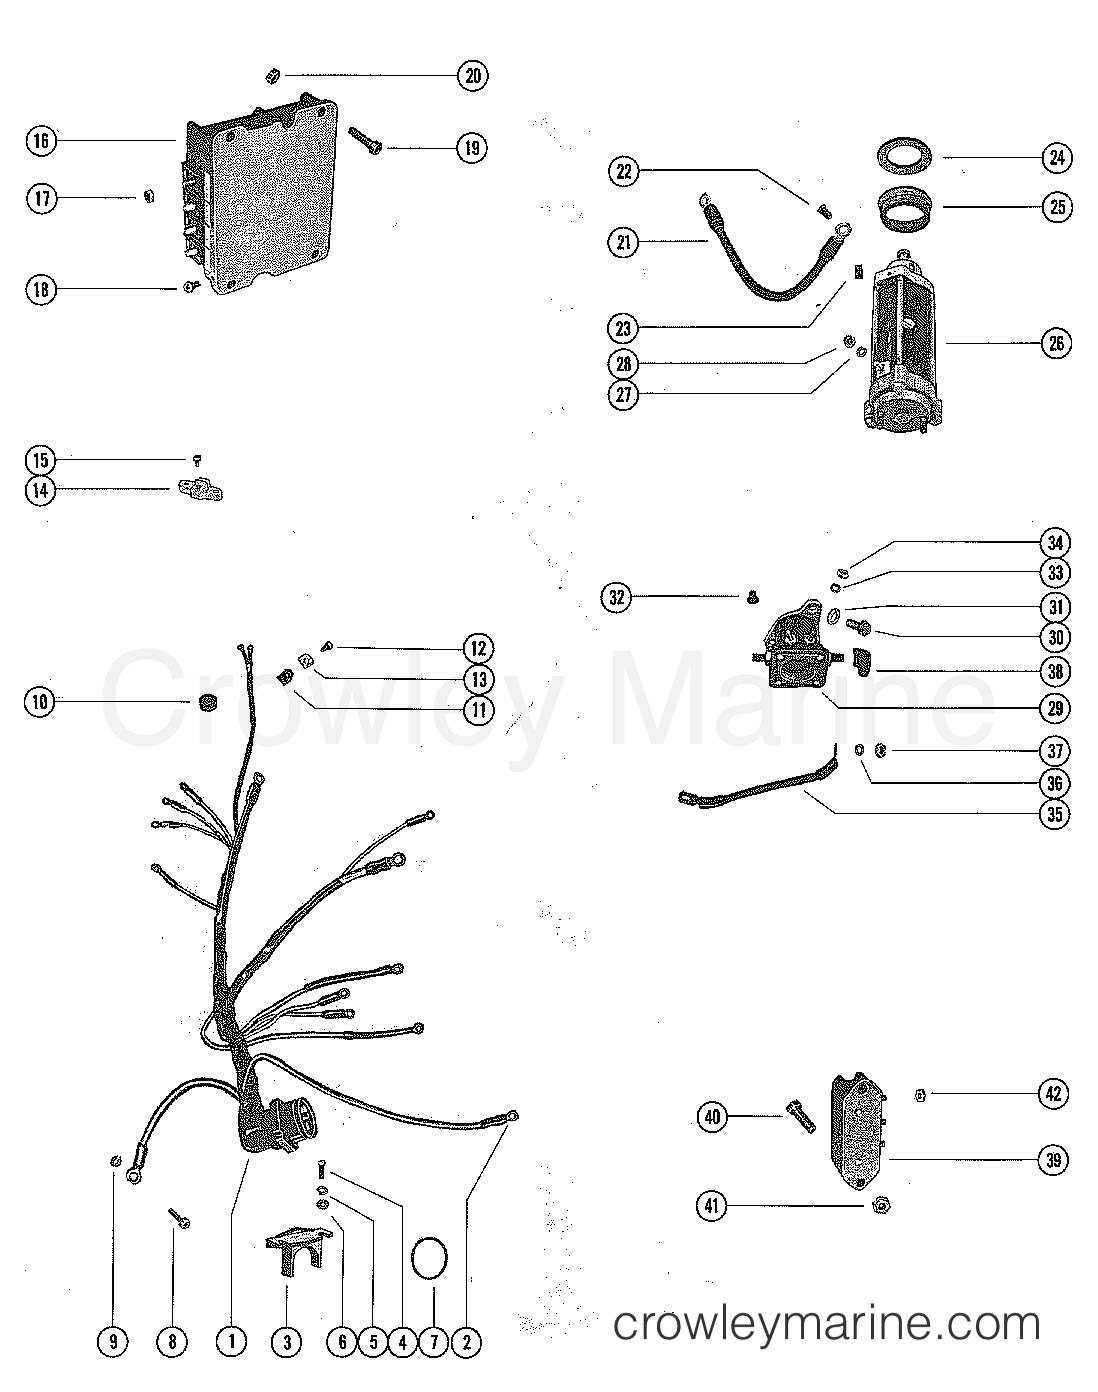 2003 7.3l Idm Connector Wiring Diagram  F Idm Wiring Diagram on